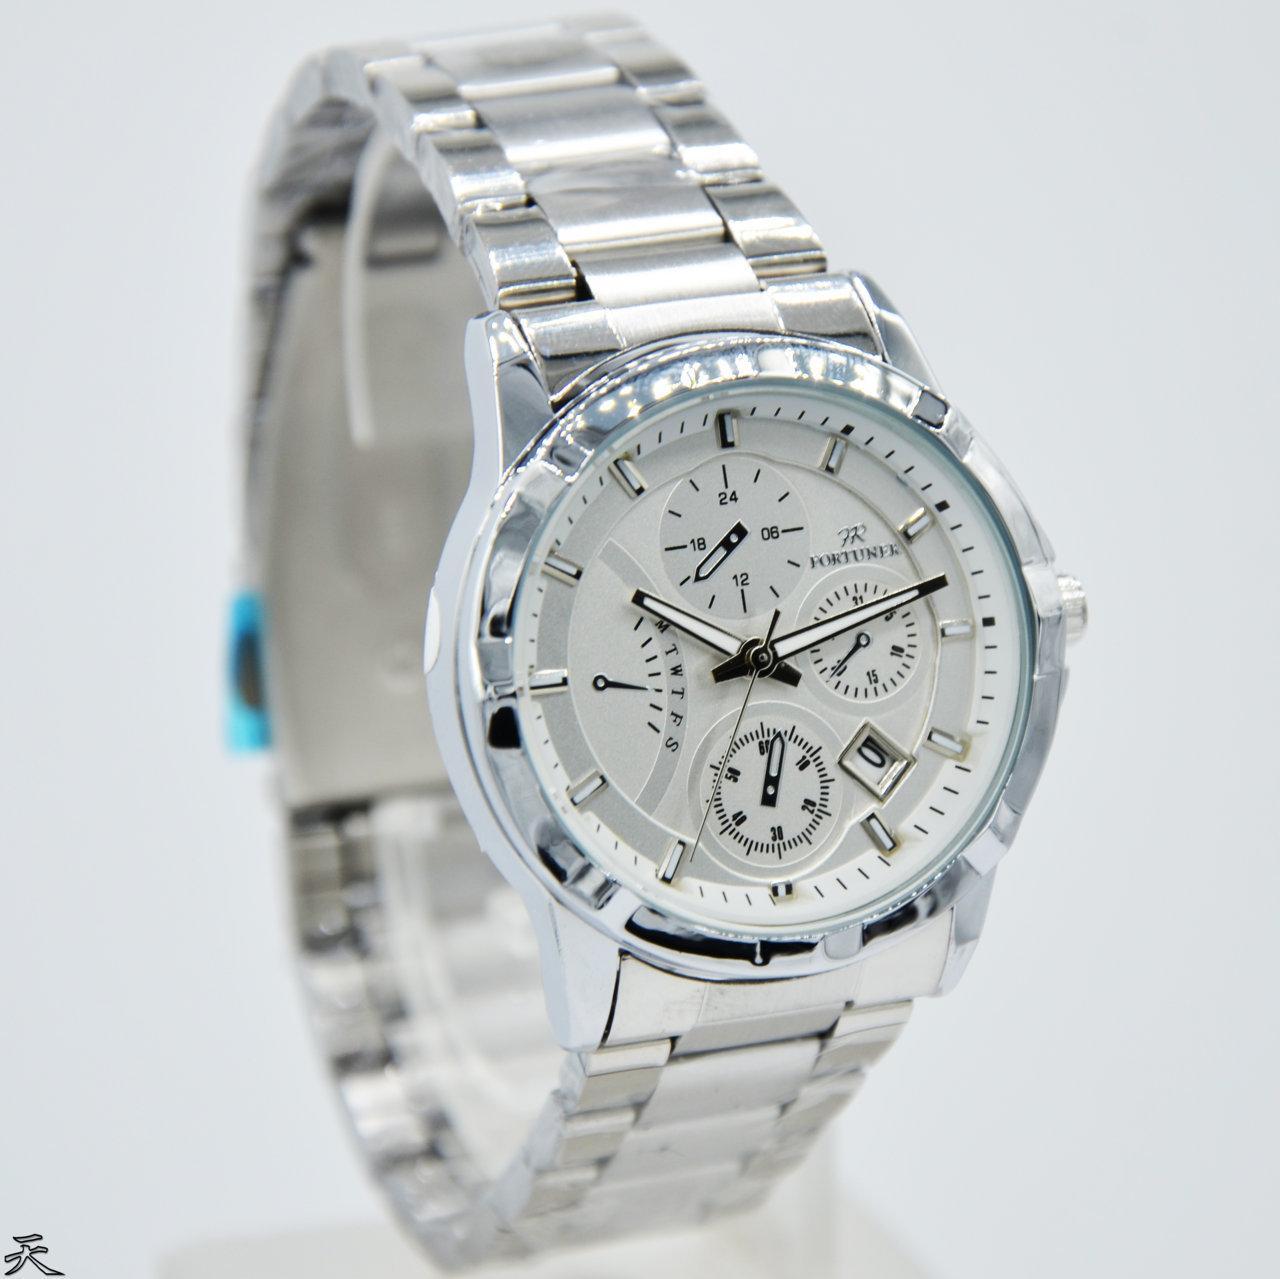 Jam Tangan Wanita Fortuner FR255 Original Rantai Silver Mewah Murah